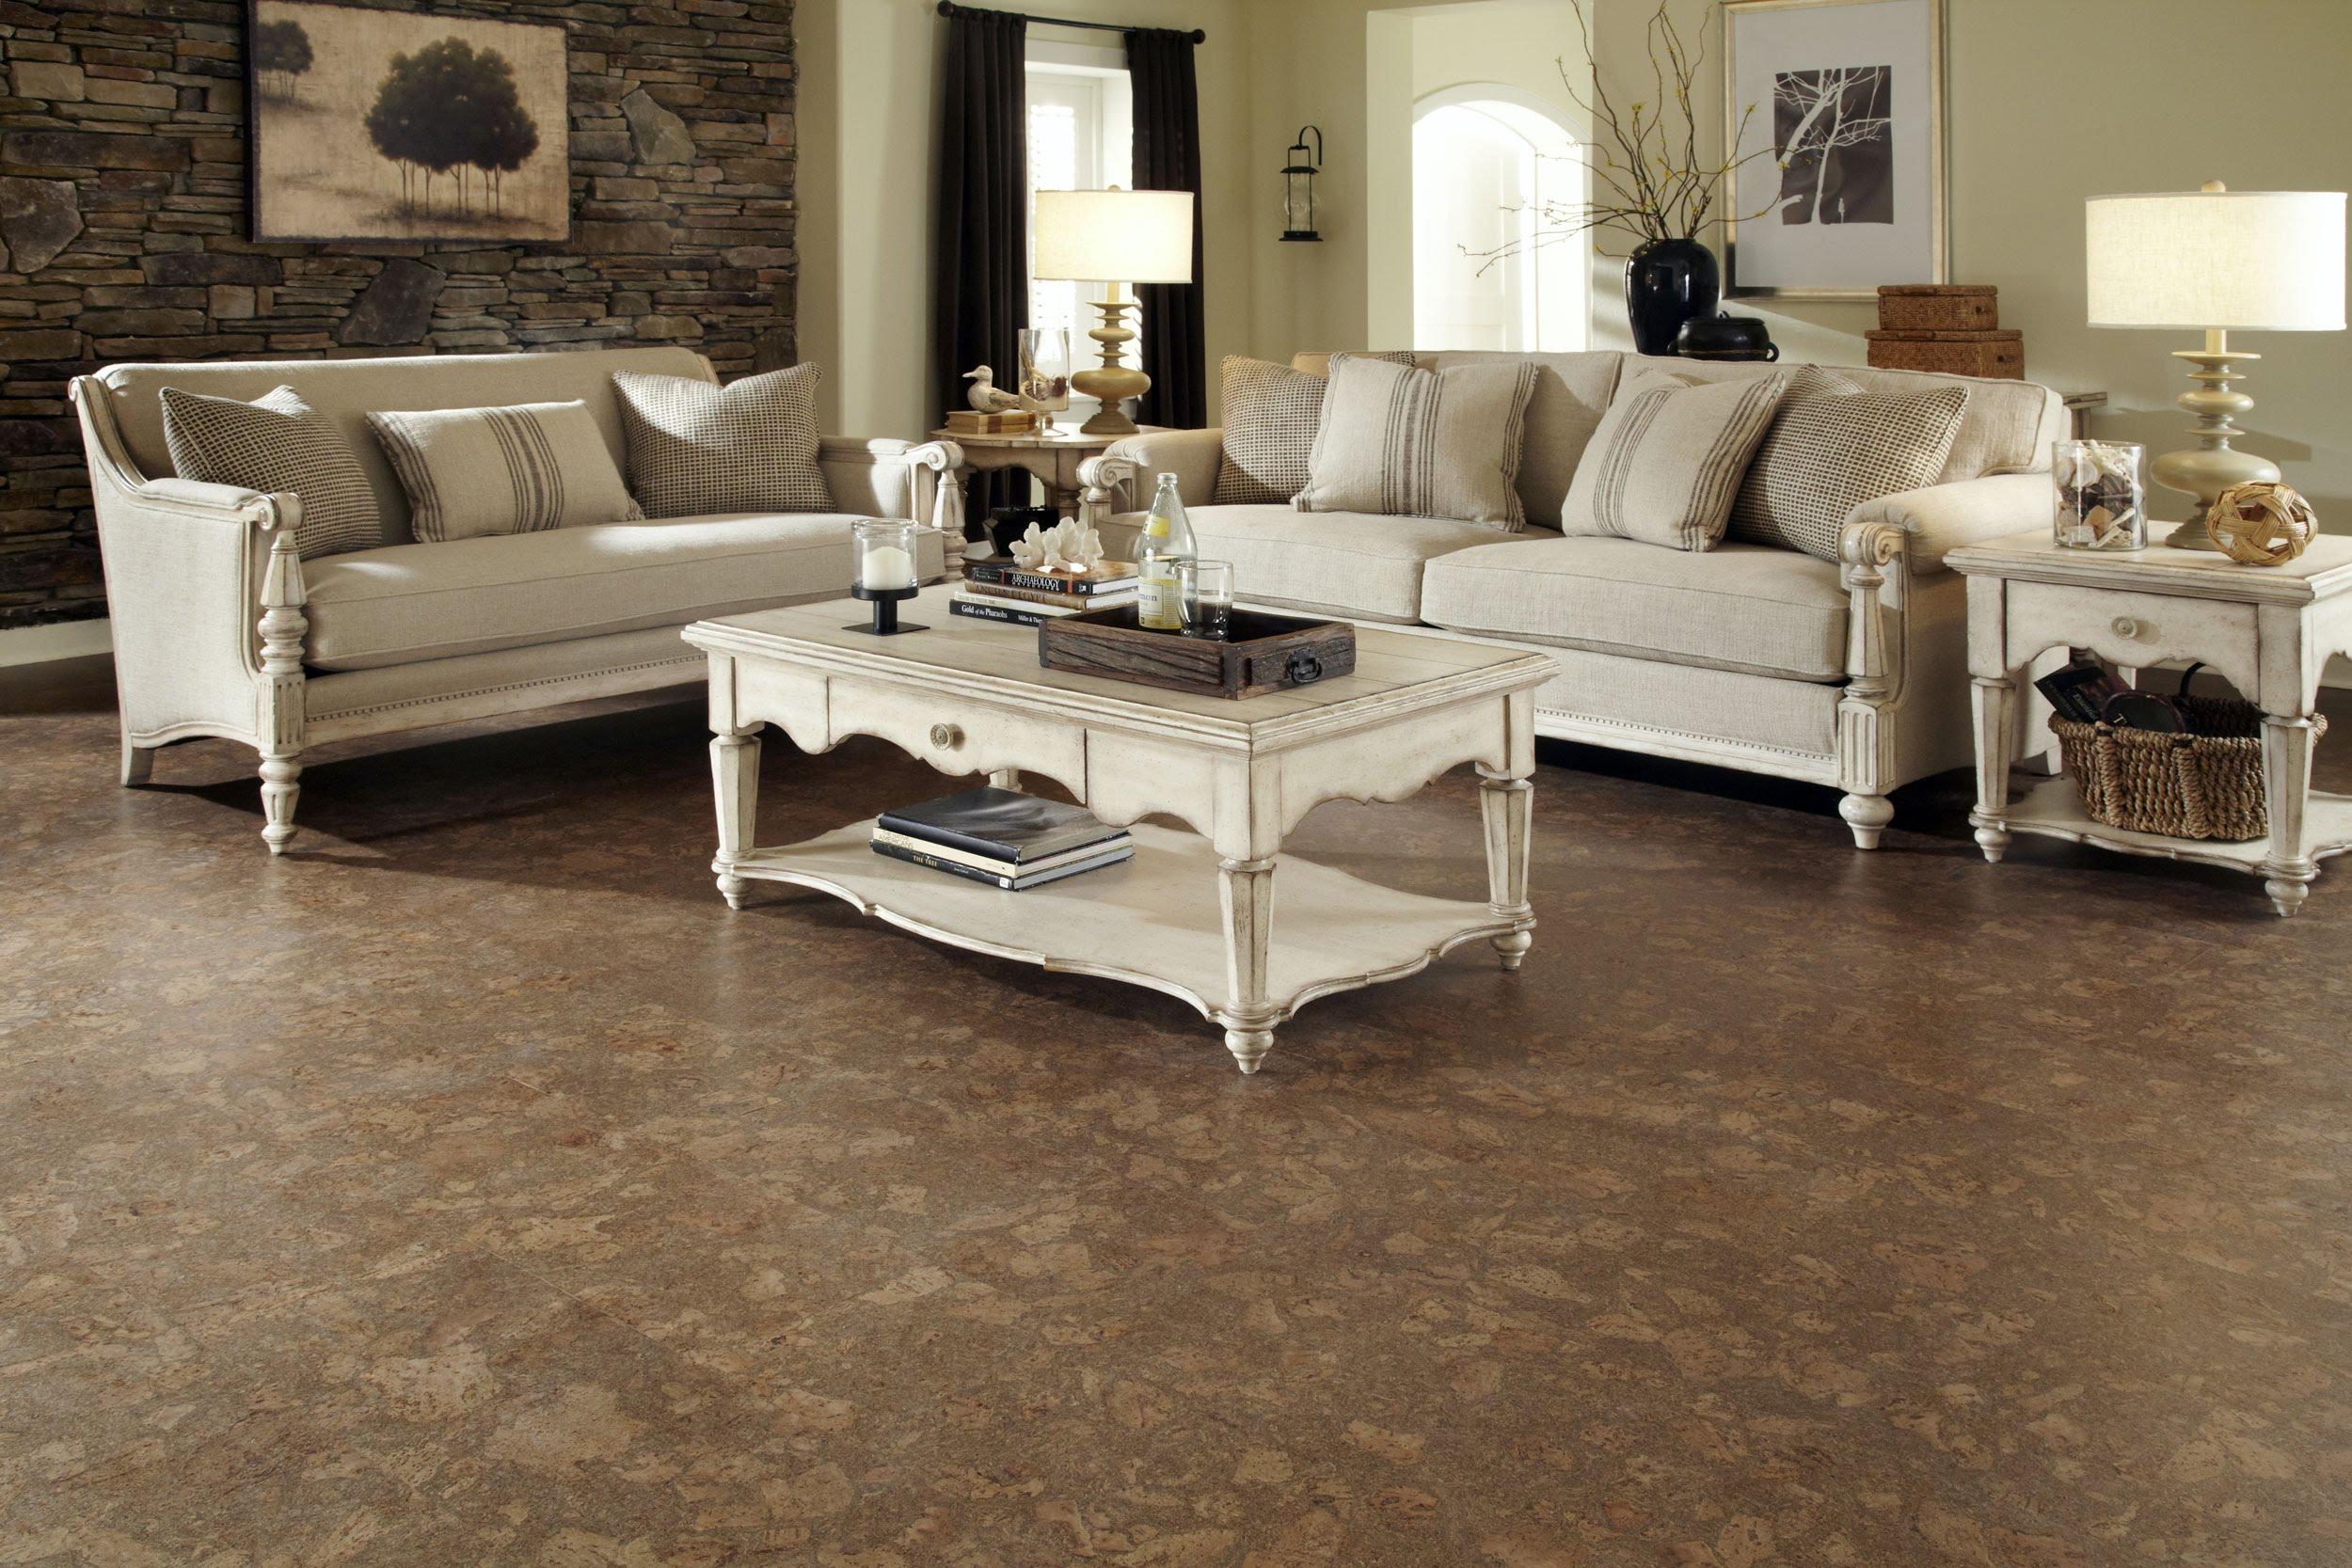 zwei Sofas am Ecke in beiger Farbe kleiner Tisch ein Bild mit Bäumen - Kork Fußbodenbelag